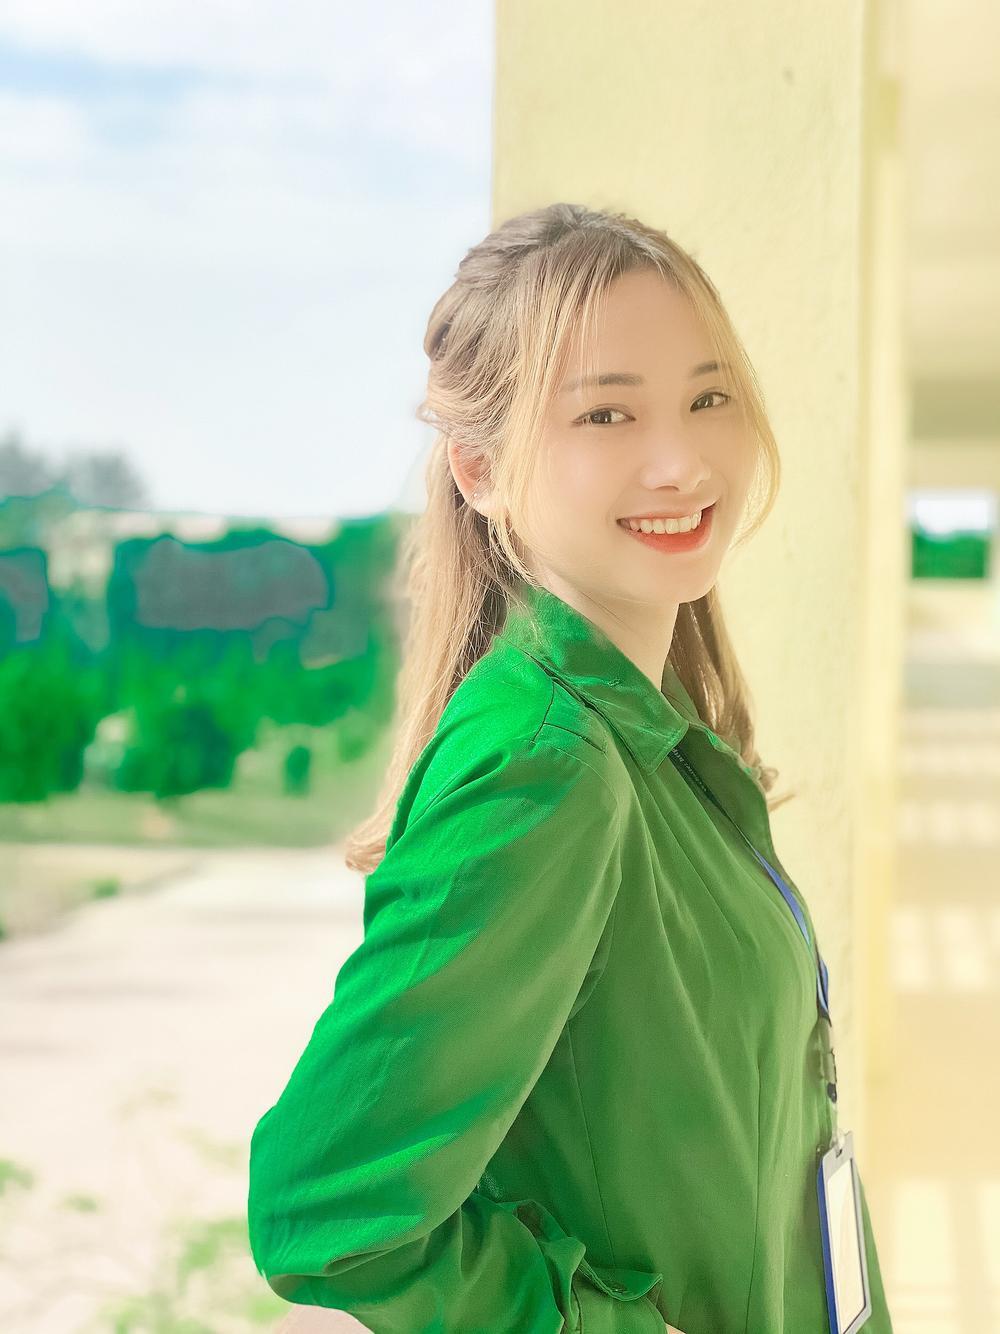 Chiêm ngưỡng dàn 'Trai xinh gái đẹp'- 'Đặc sản' mùa quân sự của Học viện Chính sách và Phát triển Ảnh 2